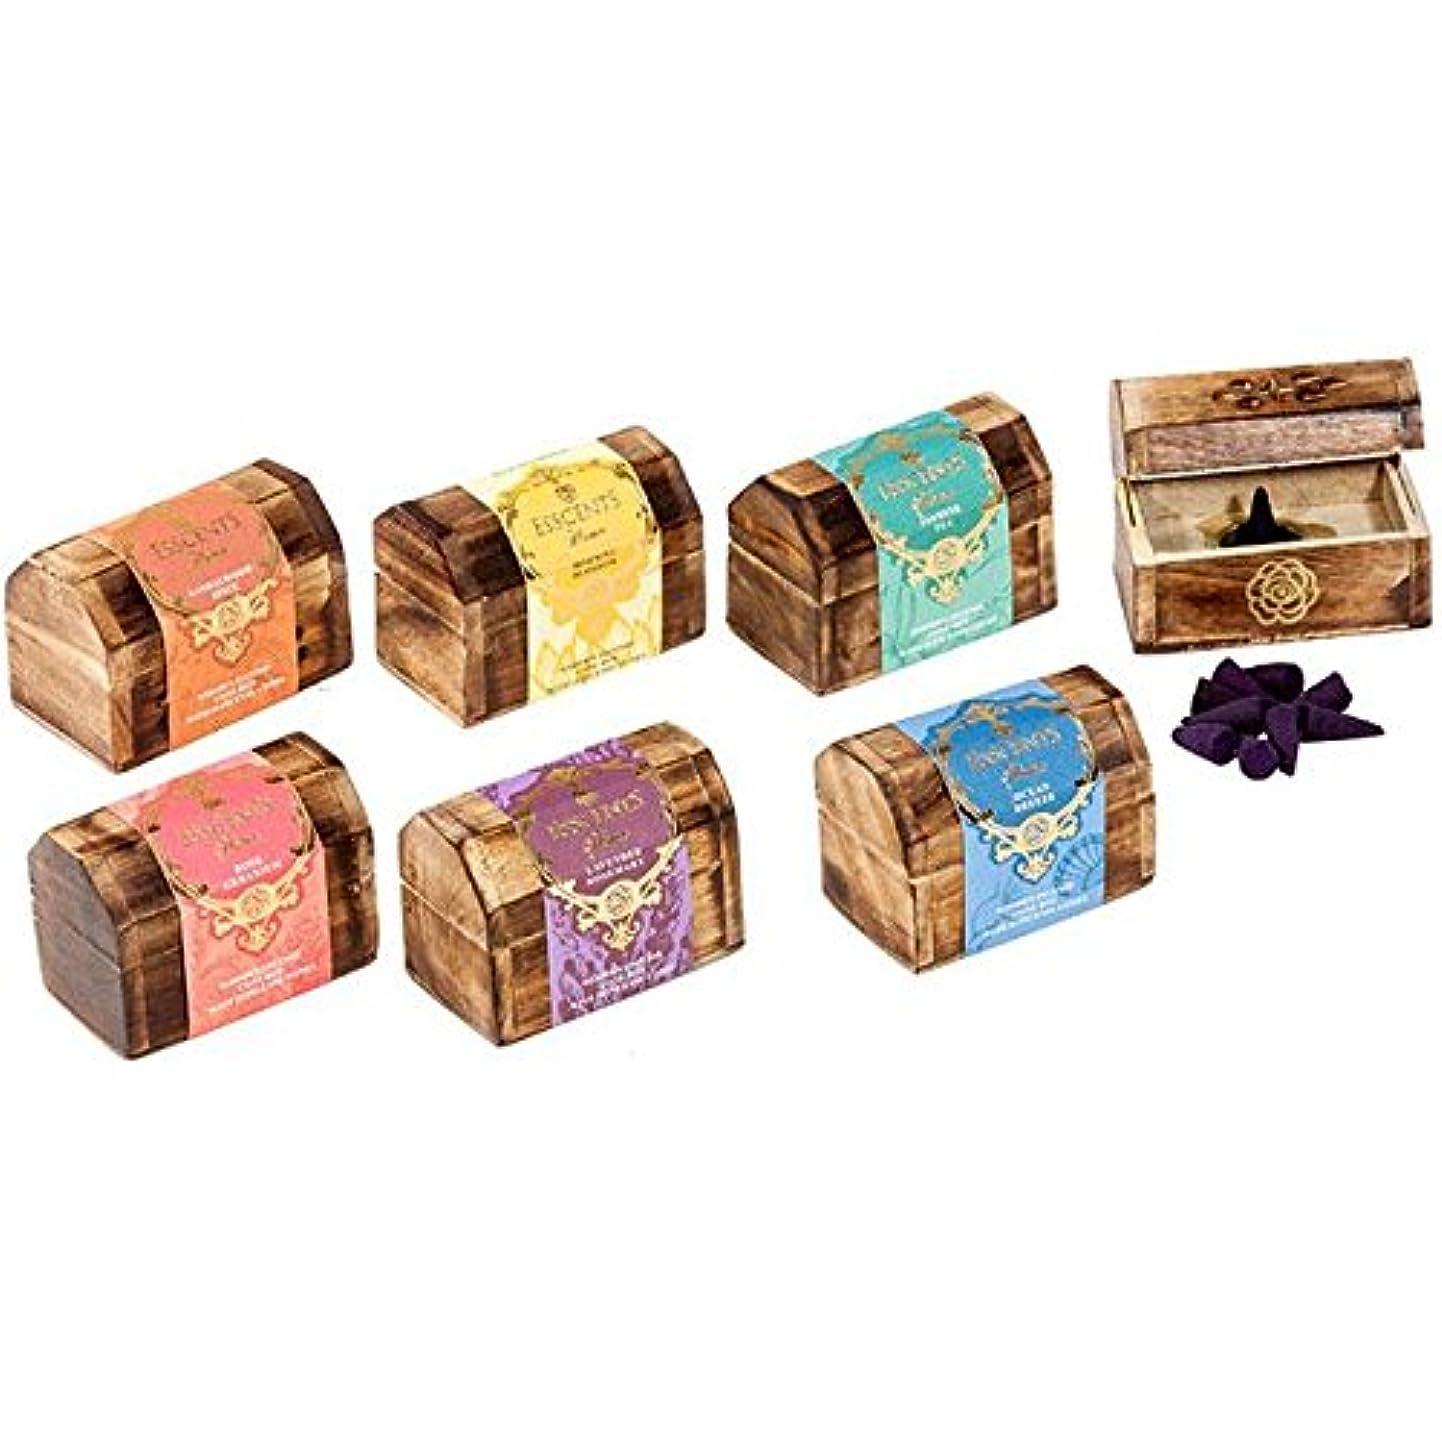 契約隠されたクルーズEsscents Incense Cone Wooden Gift Set